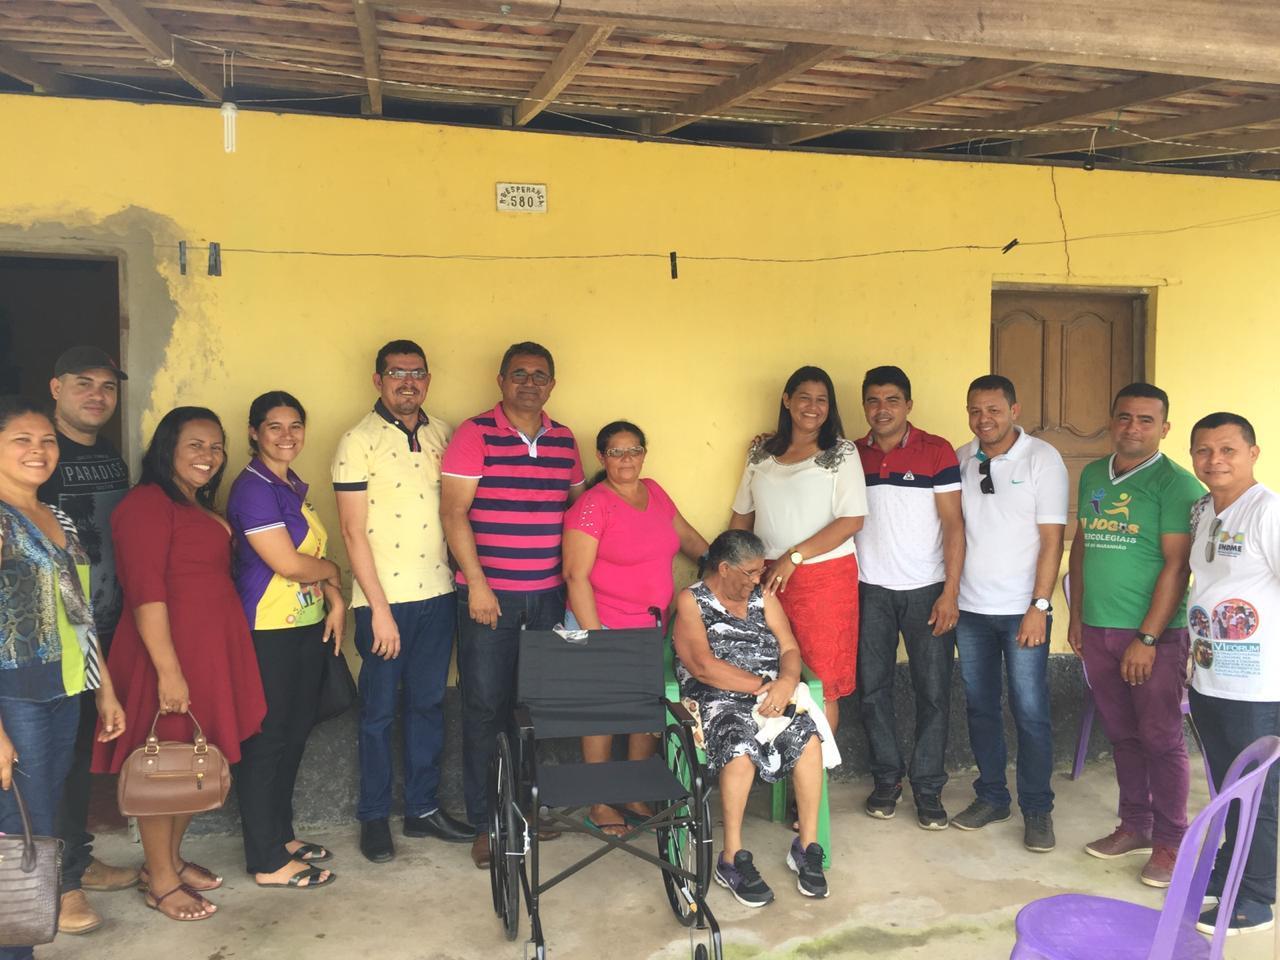 Prefeitura de Amapá faz aquisição de equipamentos para ampliar ações na Saúde